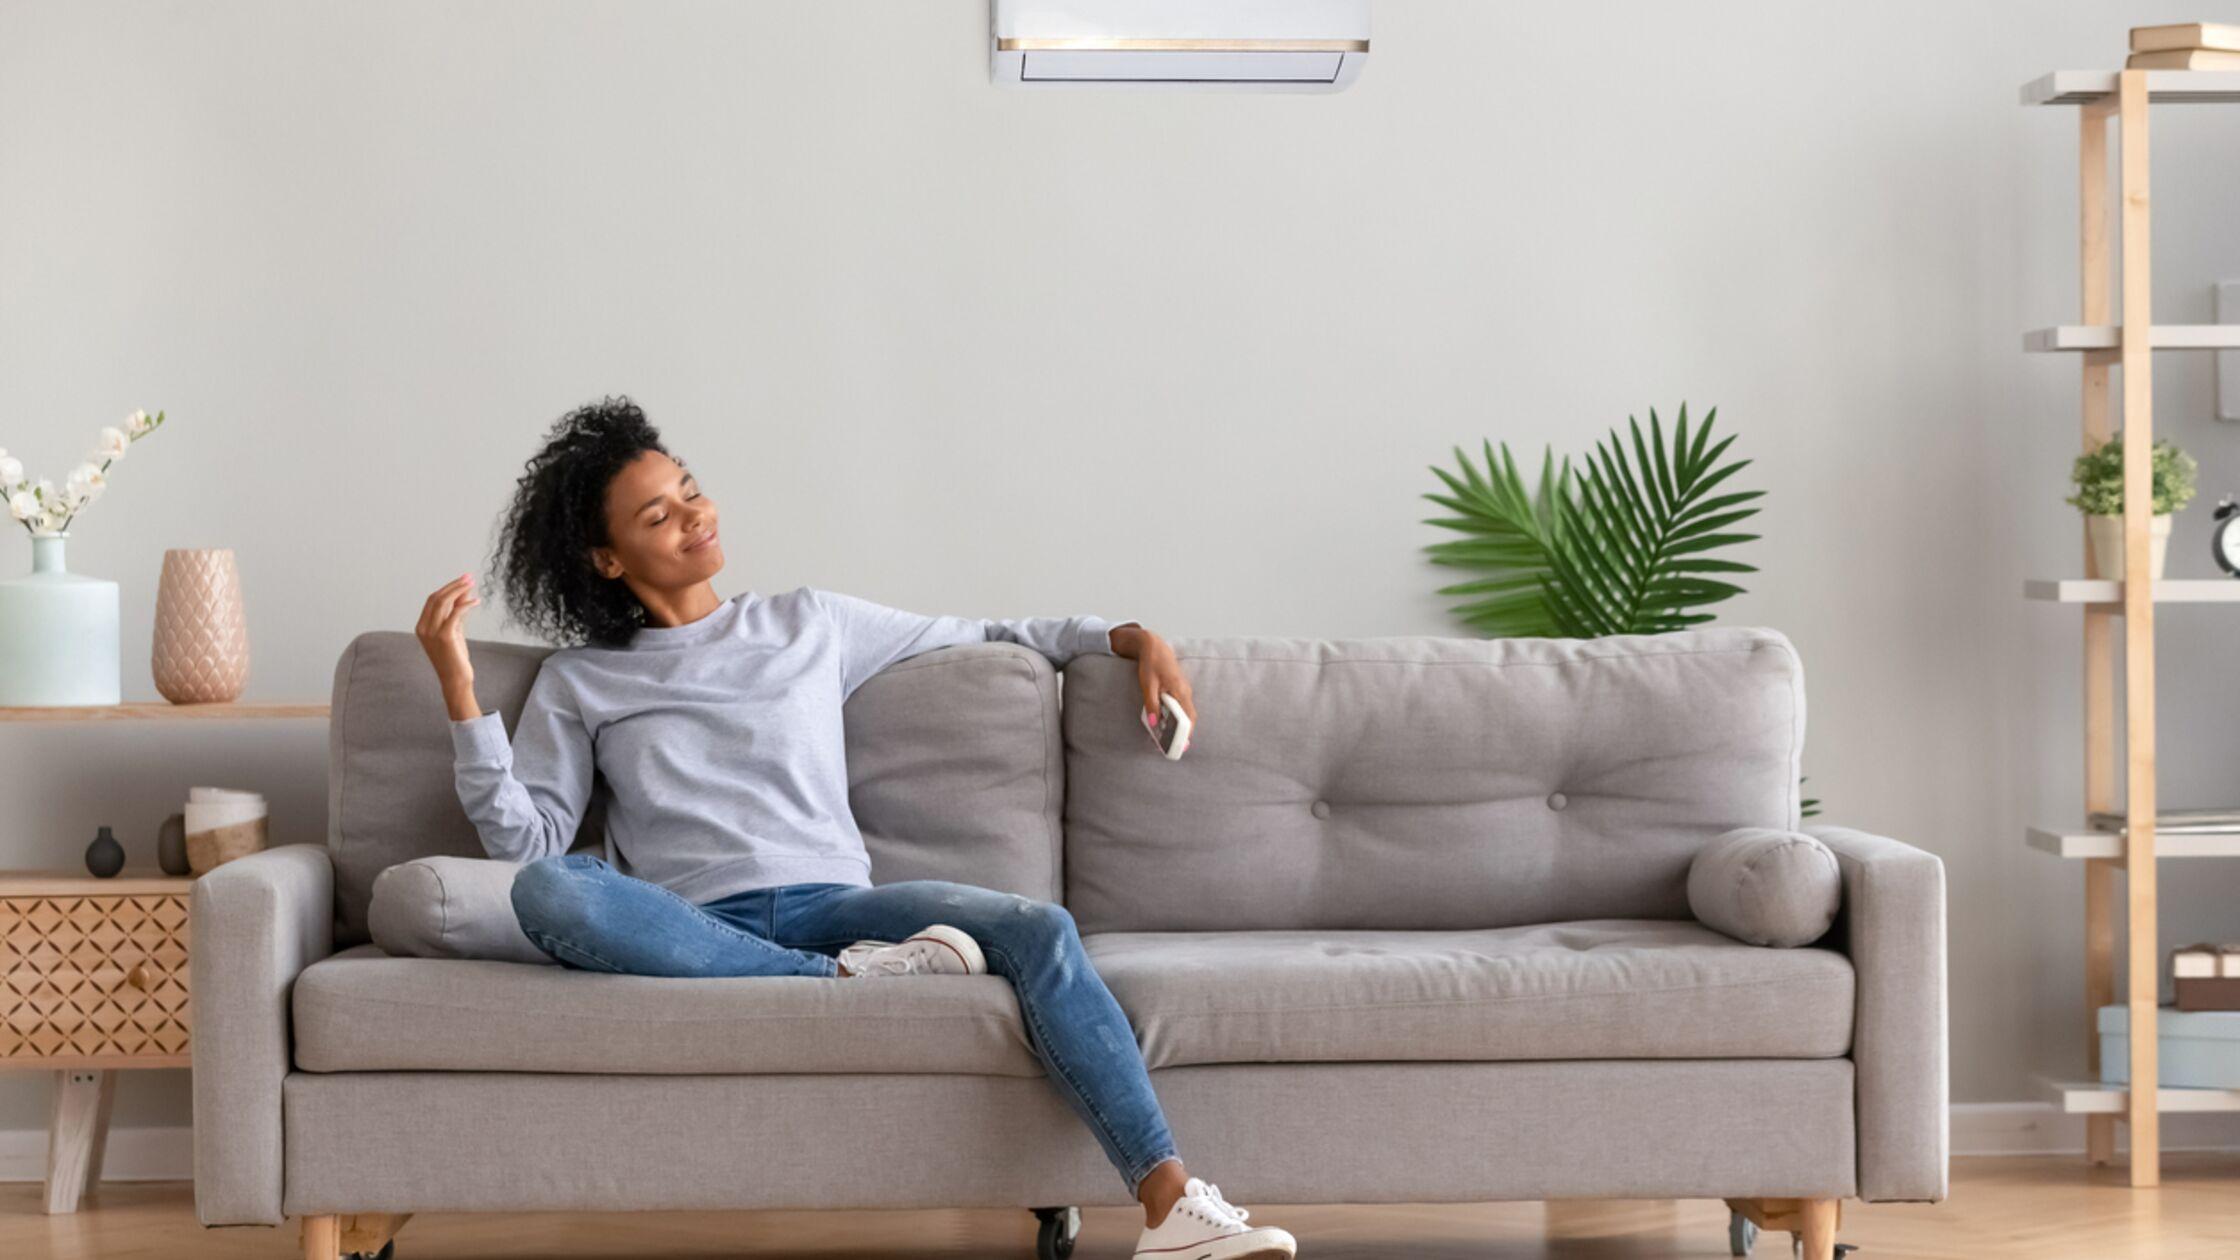 Feng Shui im Wohnzimmer: 7 Tipps zum Wohlfühlen